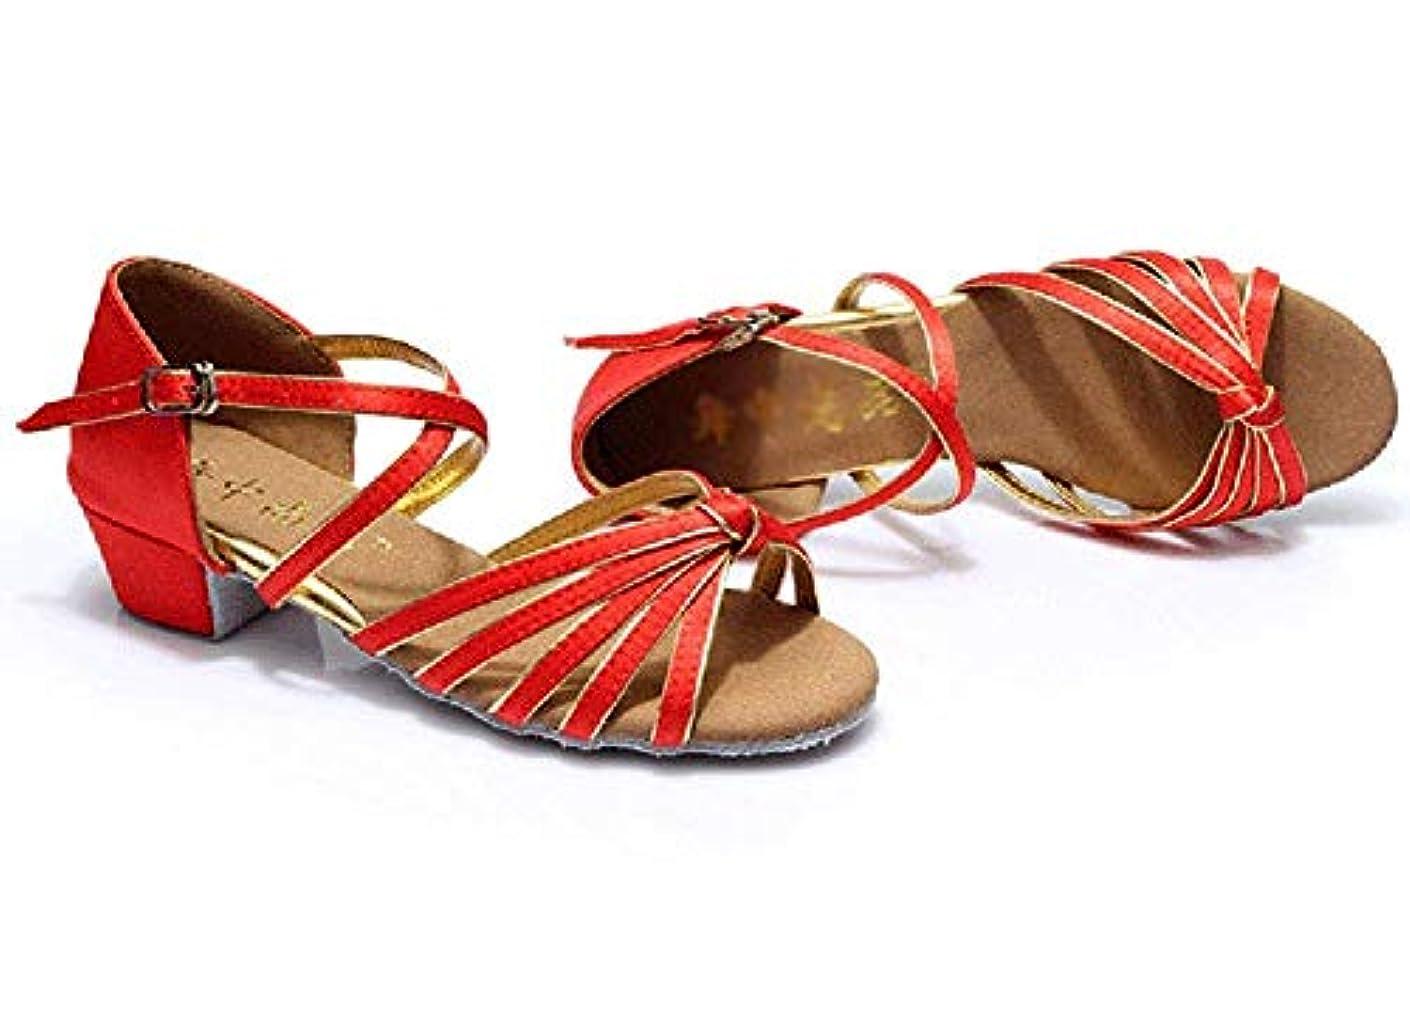 アジアインタネットを見る何故なの[Dianyejiancai] 最新の女性ダンスシューズ 女の子ラテンダンスシューズ、子供用ダンスシューズローヒール耐摩耗性サンダル (Color : 赤, サイズ : Foot length=18.3CM(7.2Inch))